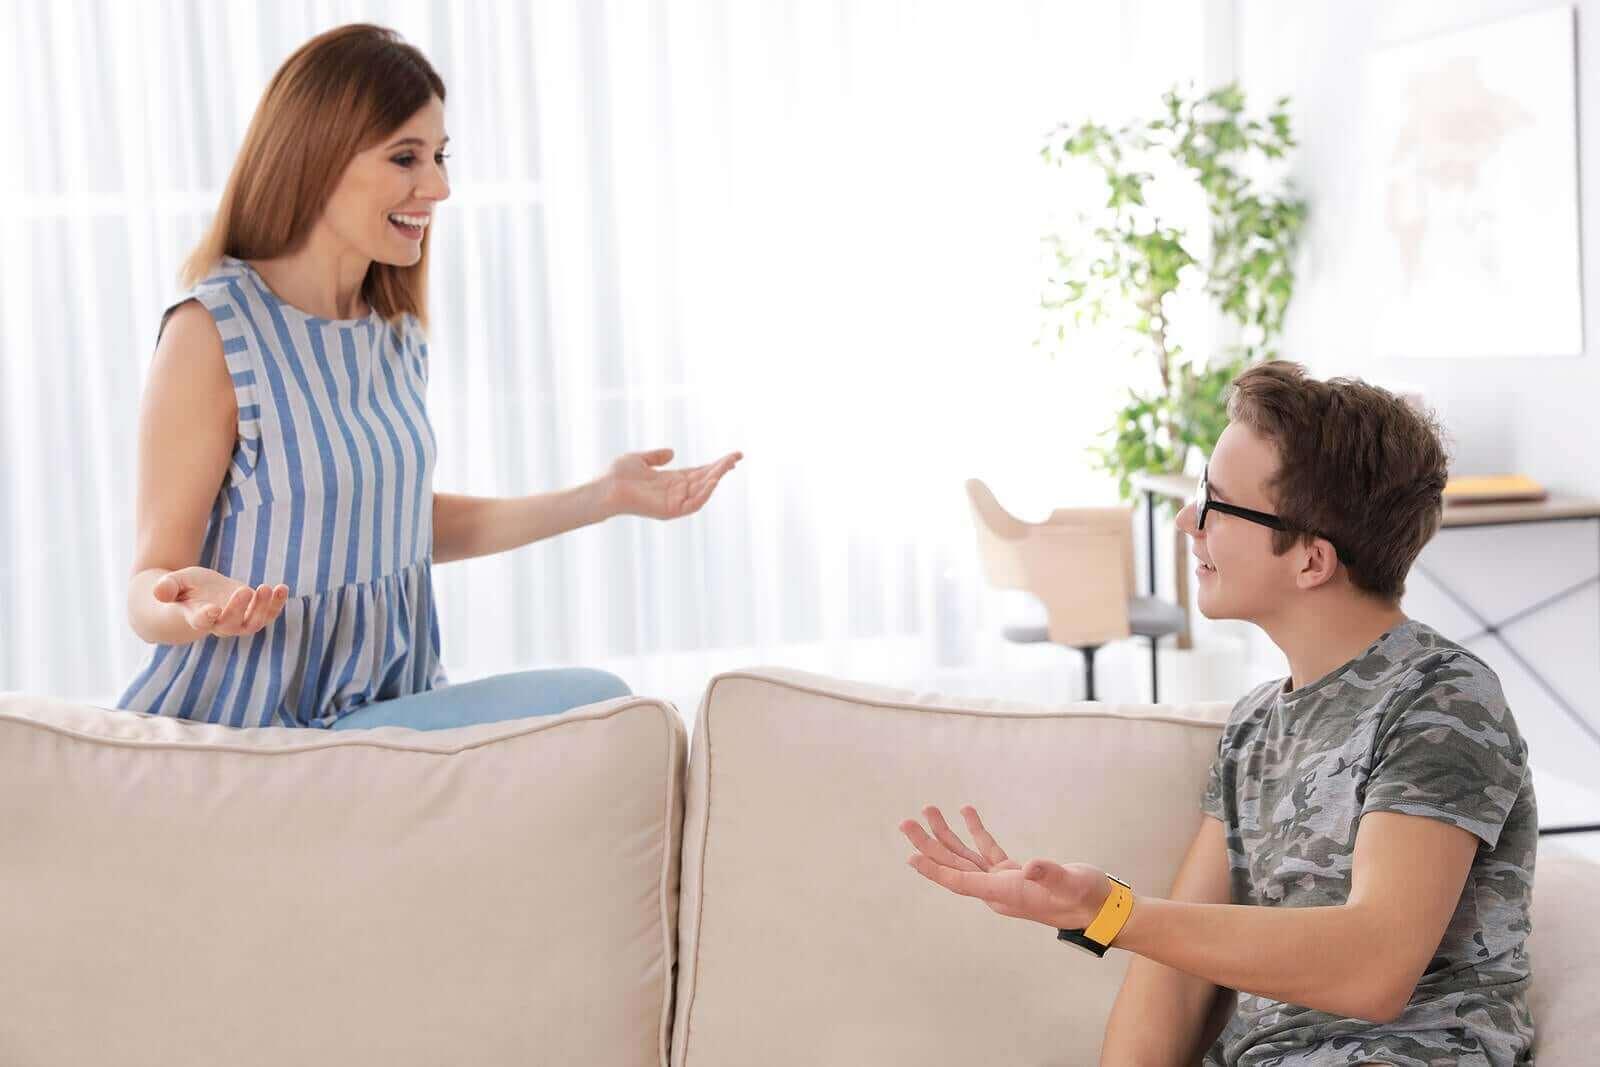 Älä kuulustele teiniä, vaan keskustele hänen kanssaan